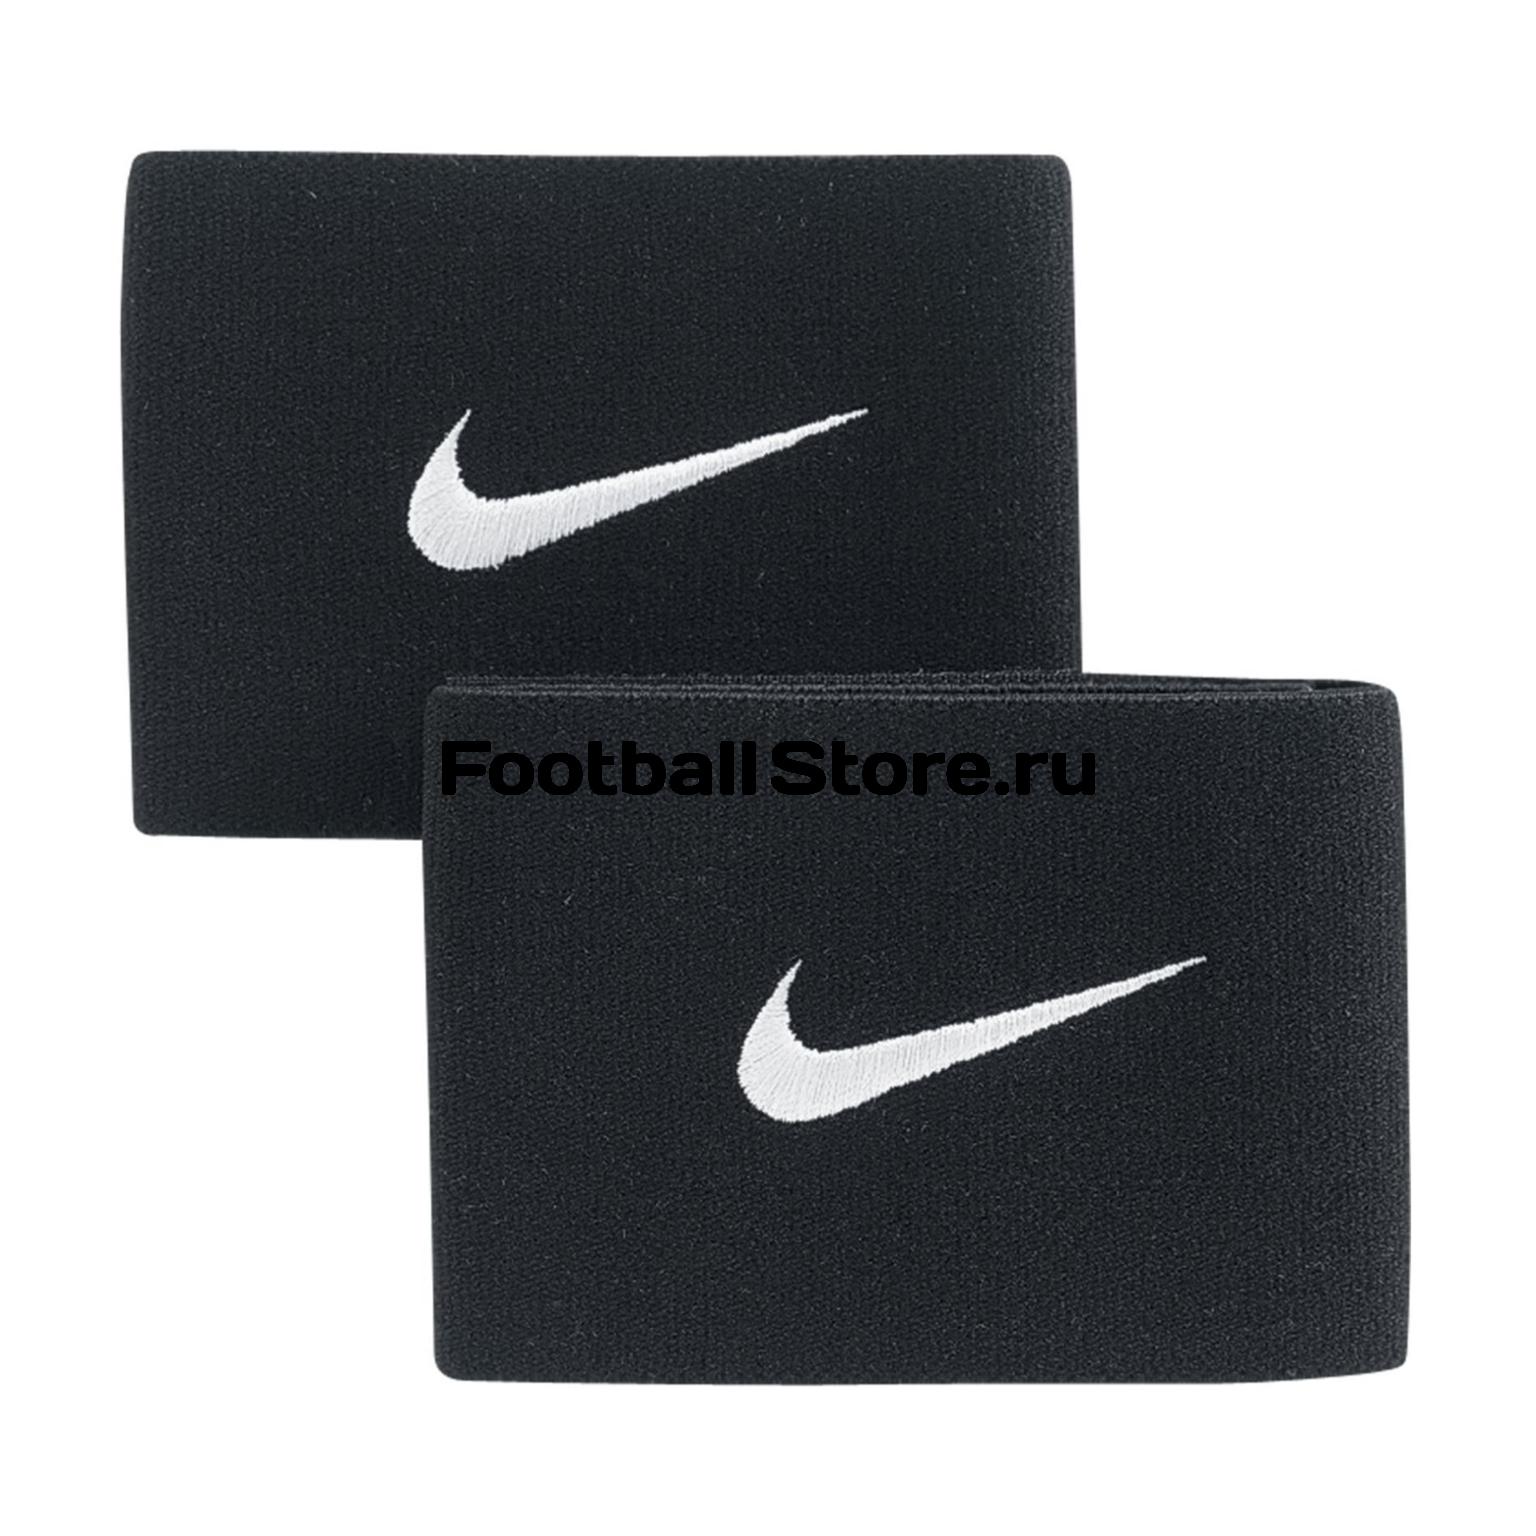 Повязка для фиксации щитка Nike Guard SE0047-001